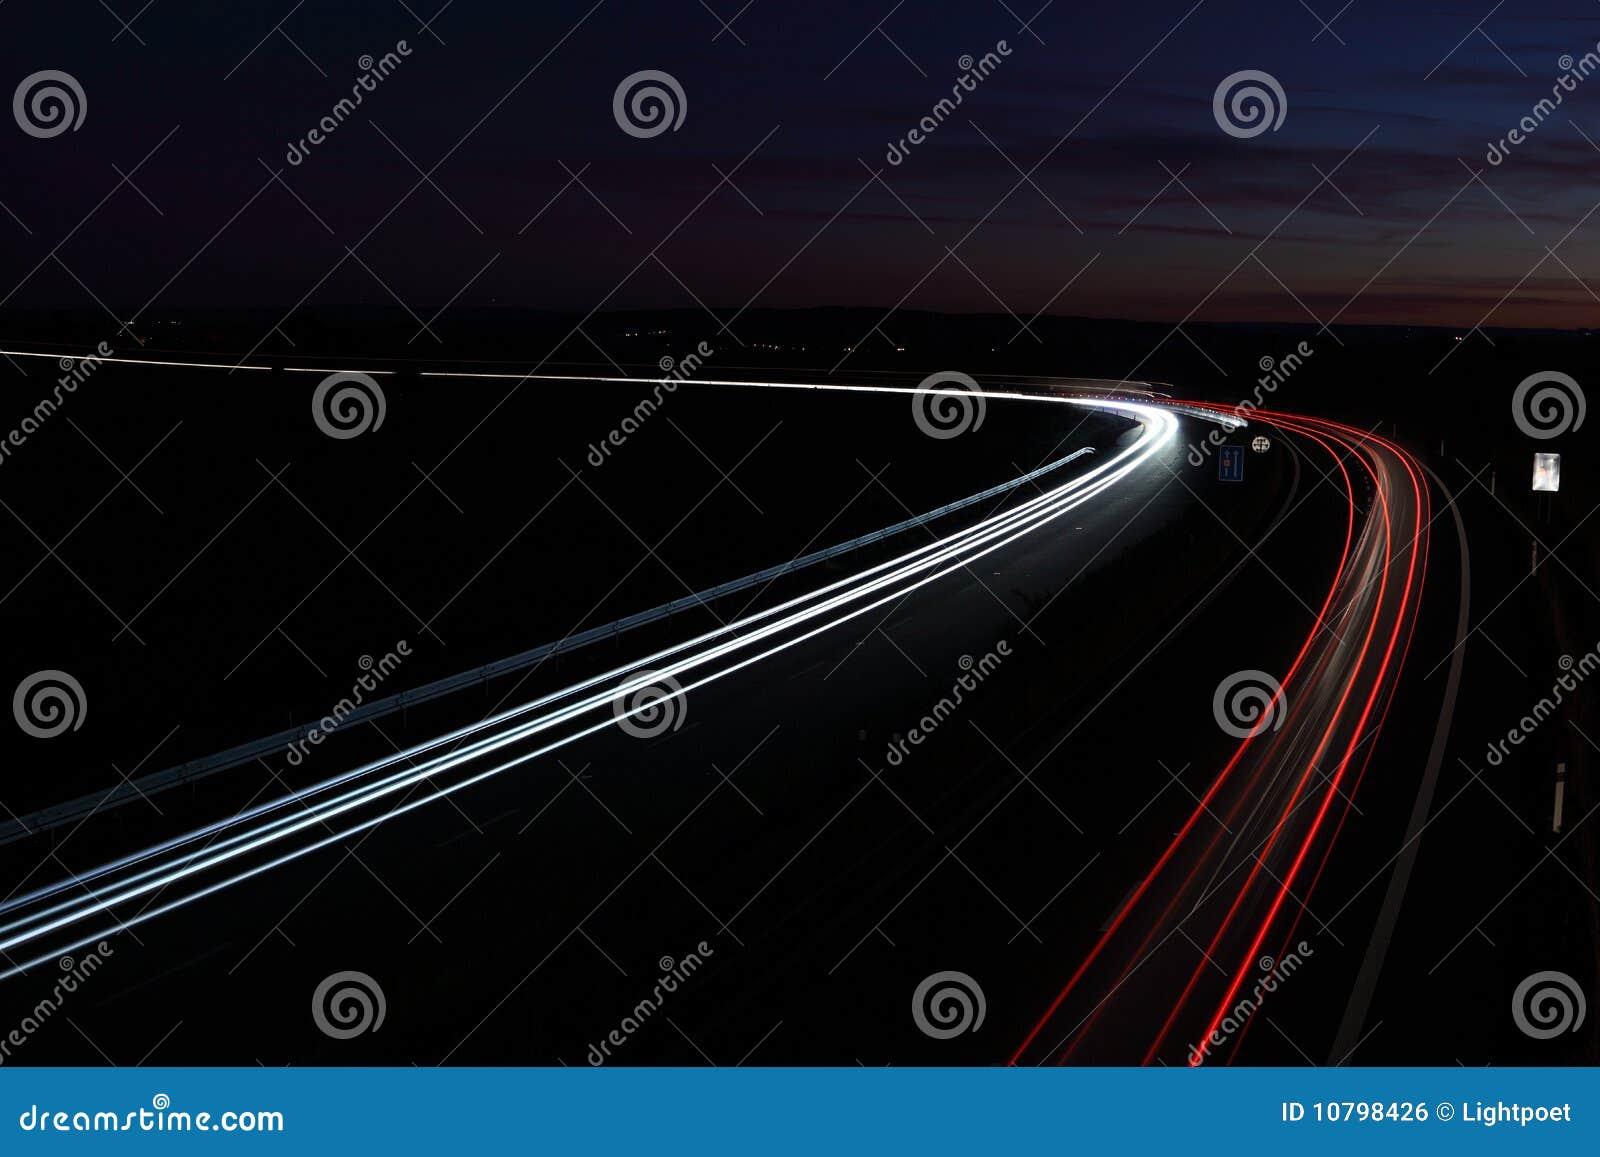 Αυτοκίνητα σε μια βιασύνη που κινείται γρήγορα σε μια εθνική οδό